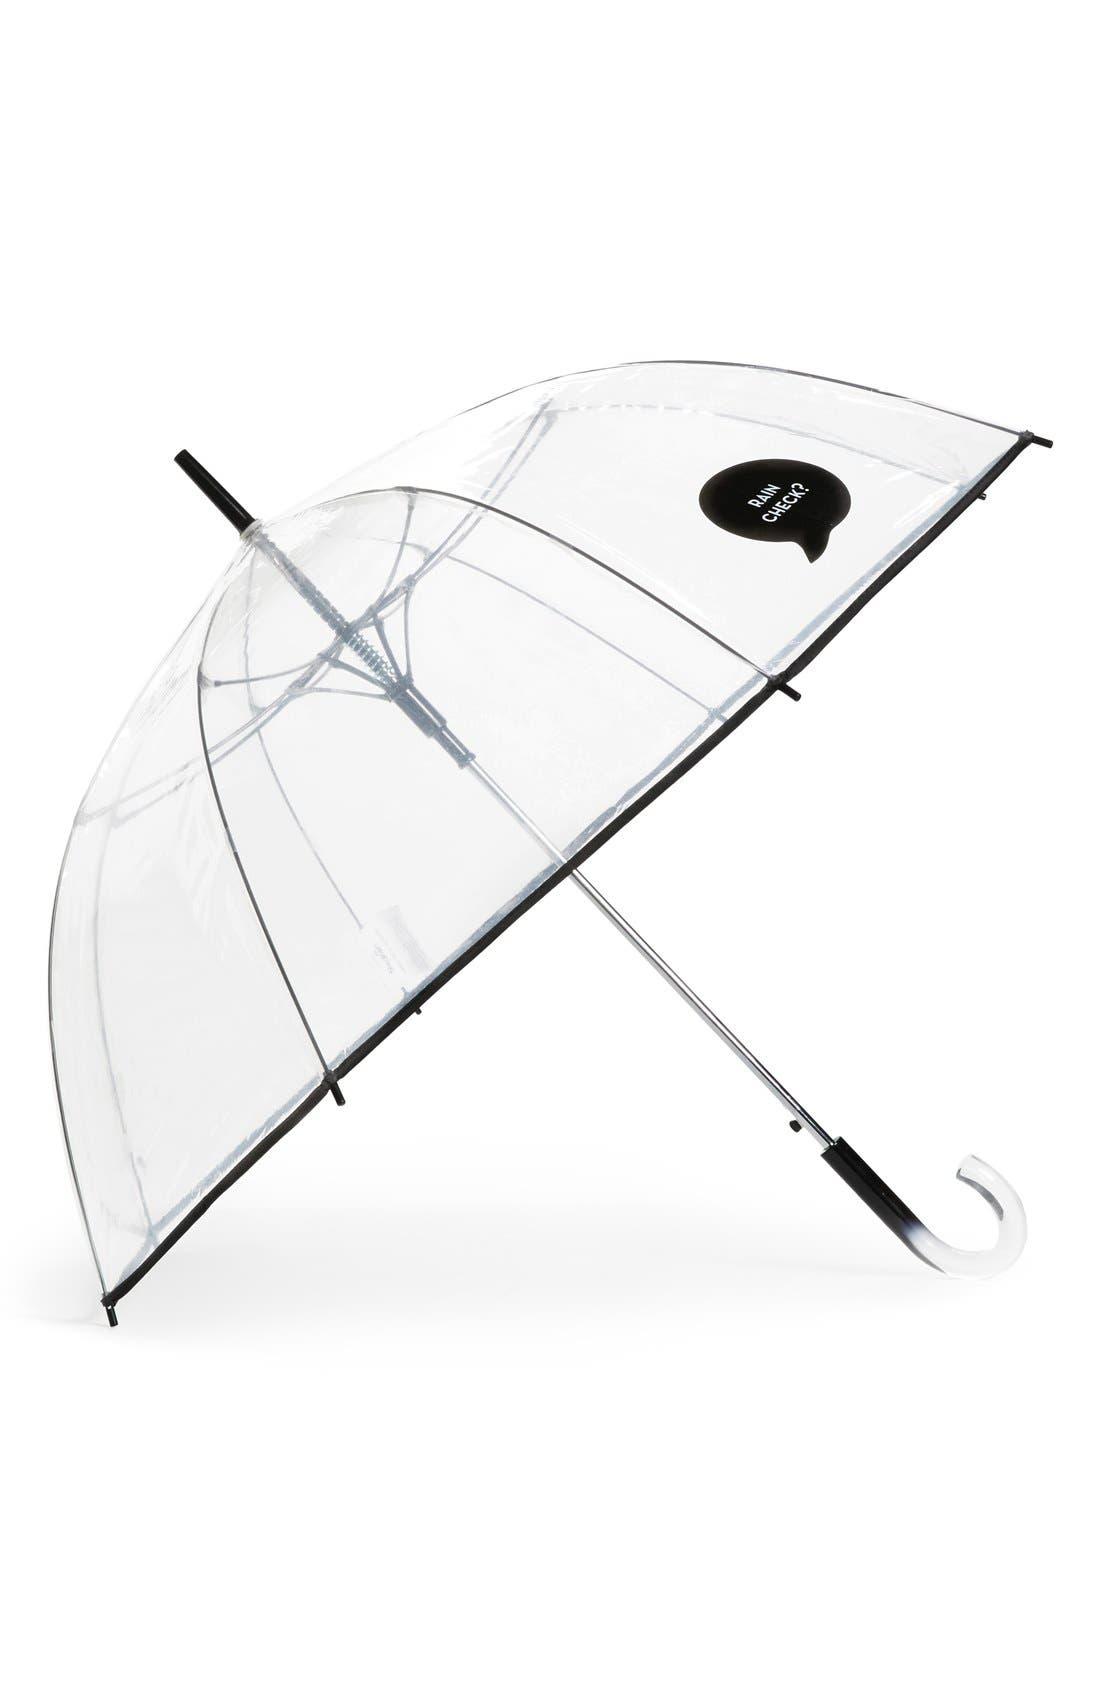 Alternate Image 1 Selected - ShedRain 'The Bubble' Auto Open Stick Umbrella